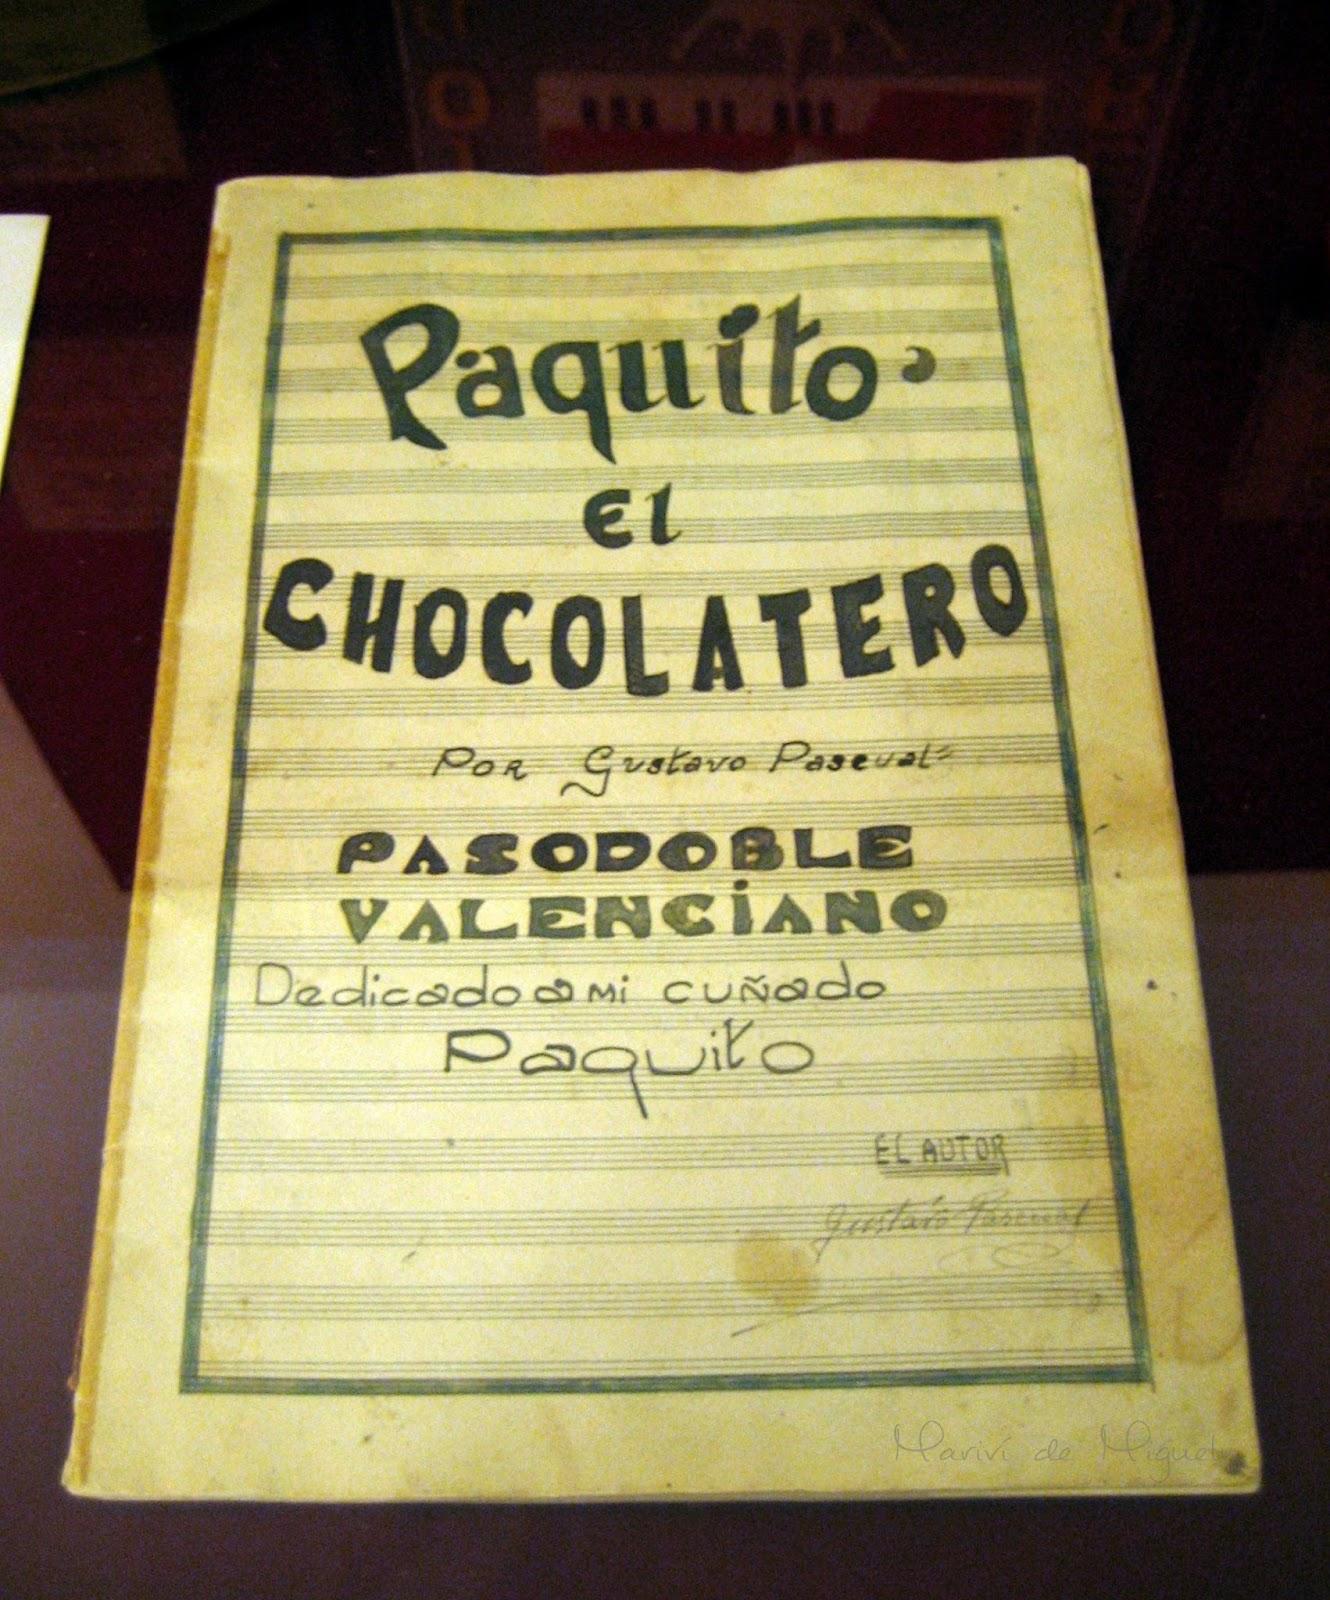 Partirtura original Paquito el Chocolatero